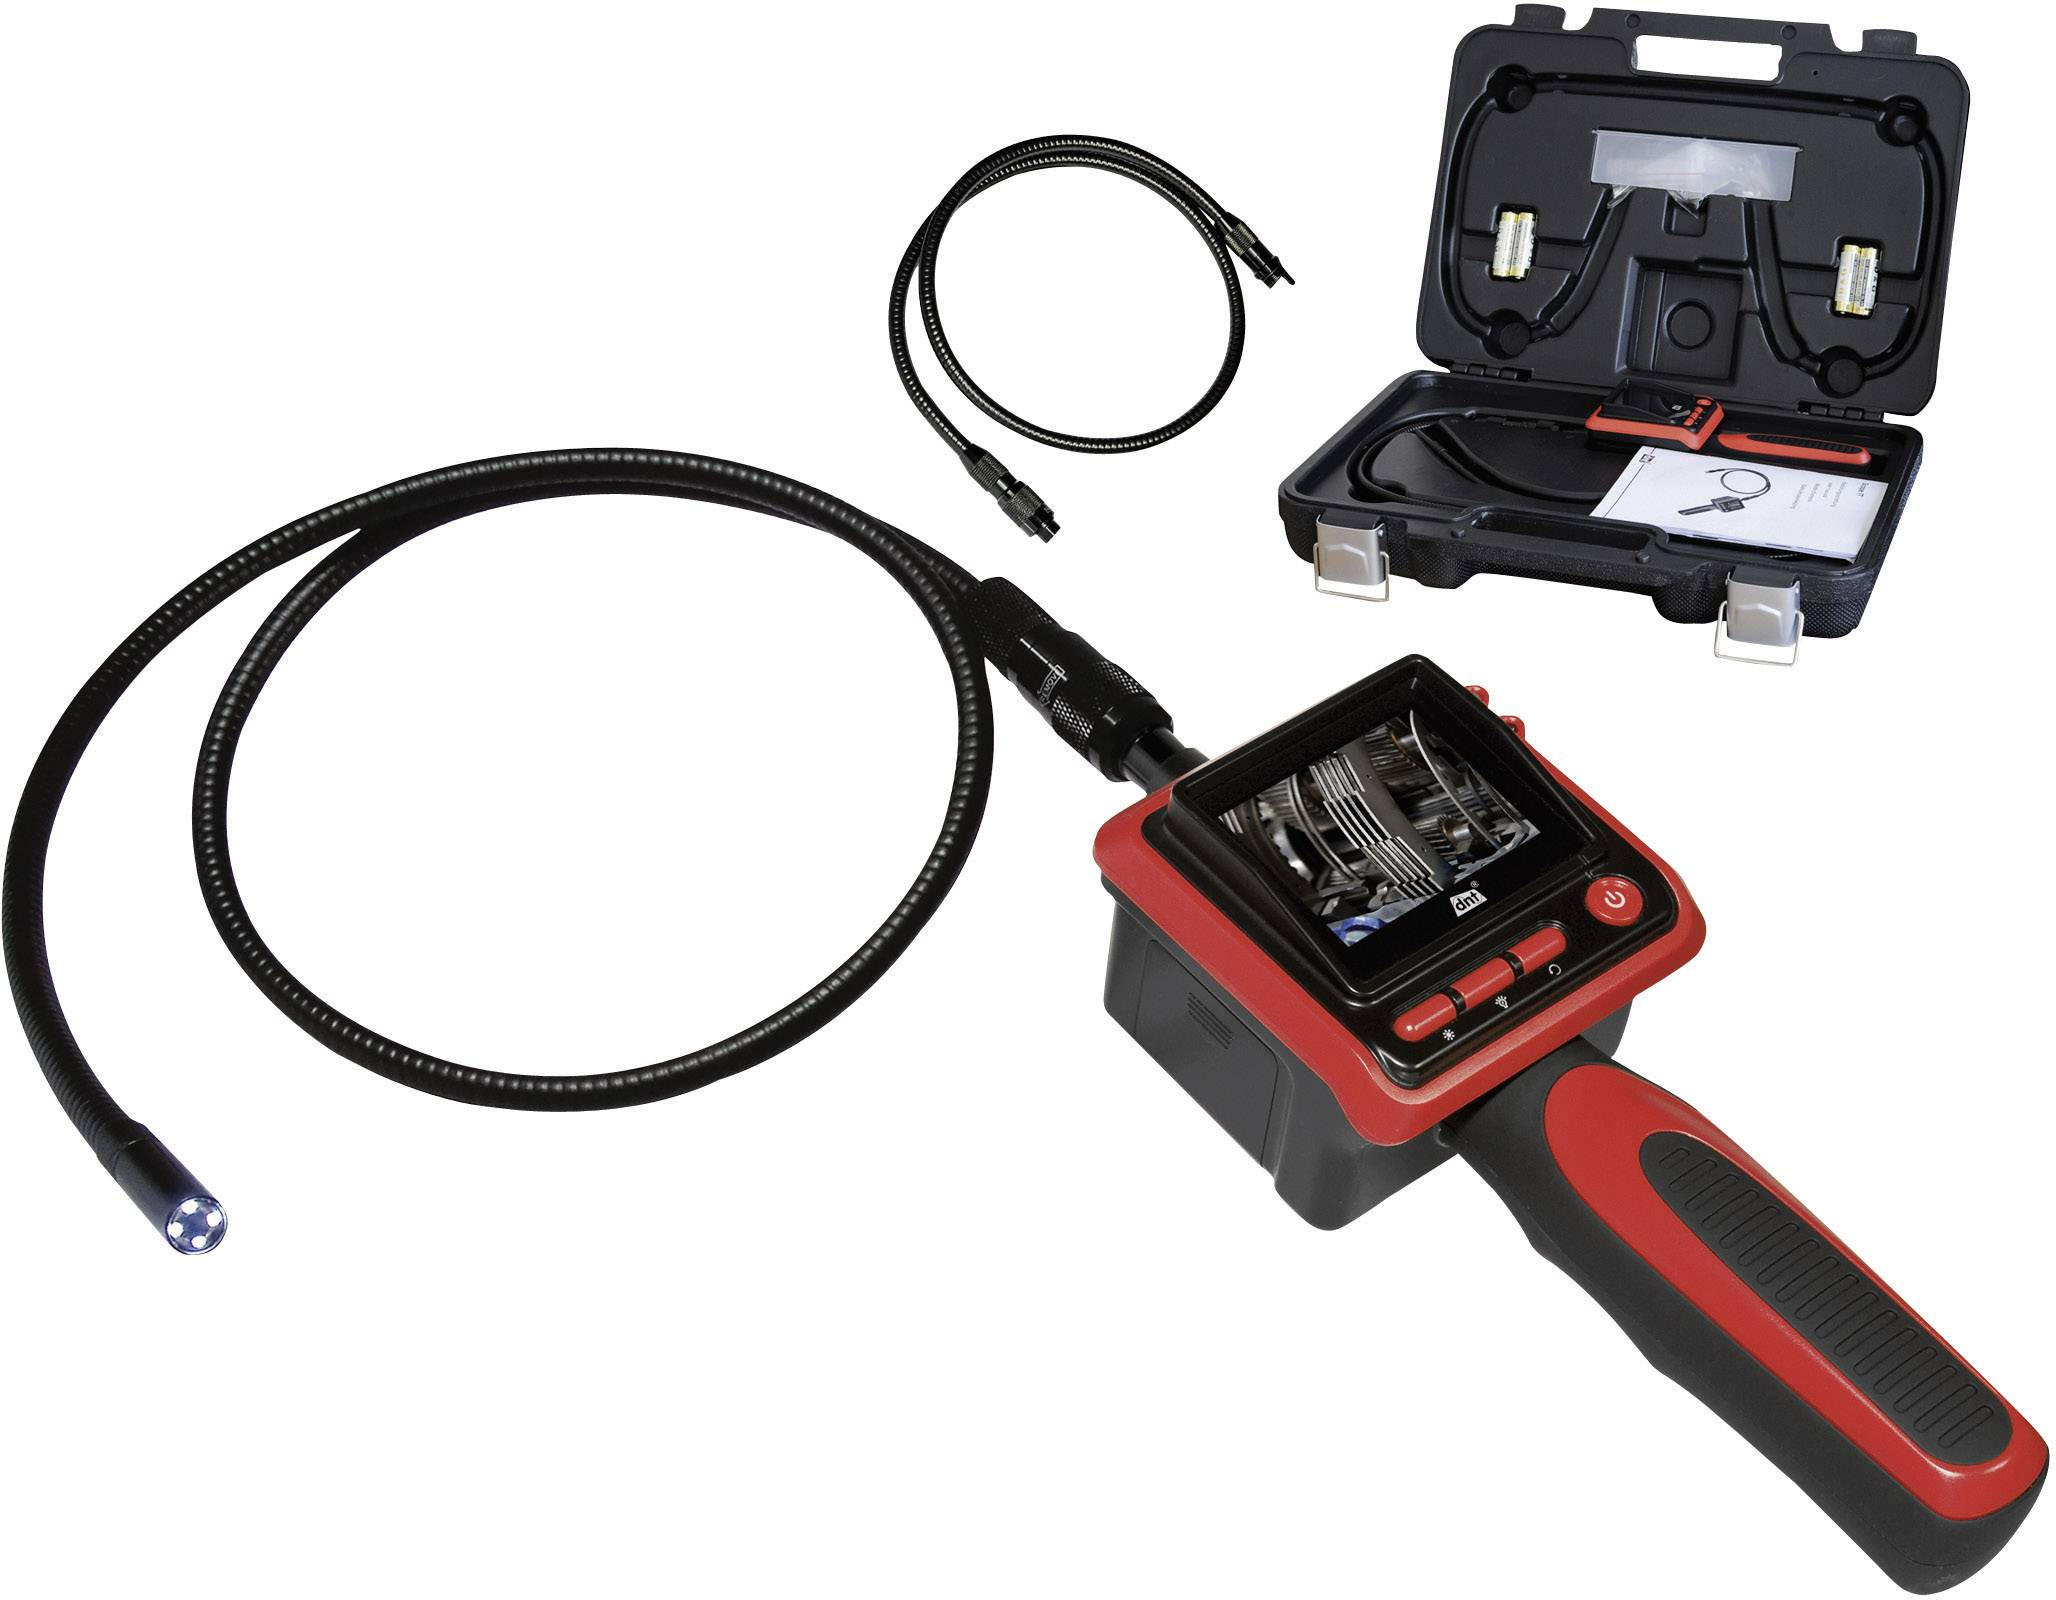 Endoskop + sonda Ø 9 mm, dĺžka 190 cm, dnt ScopeIT